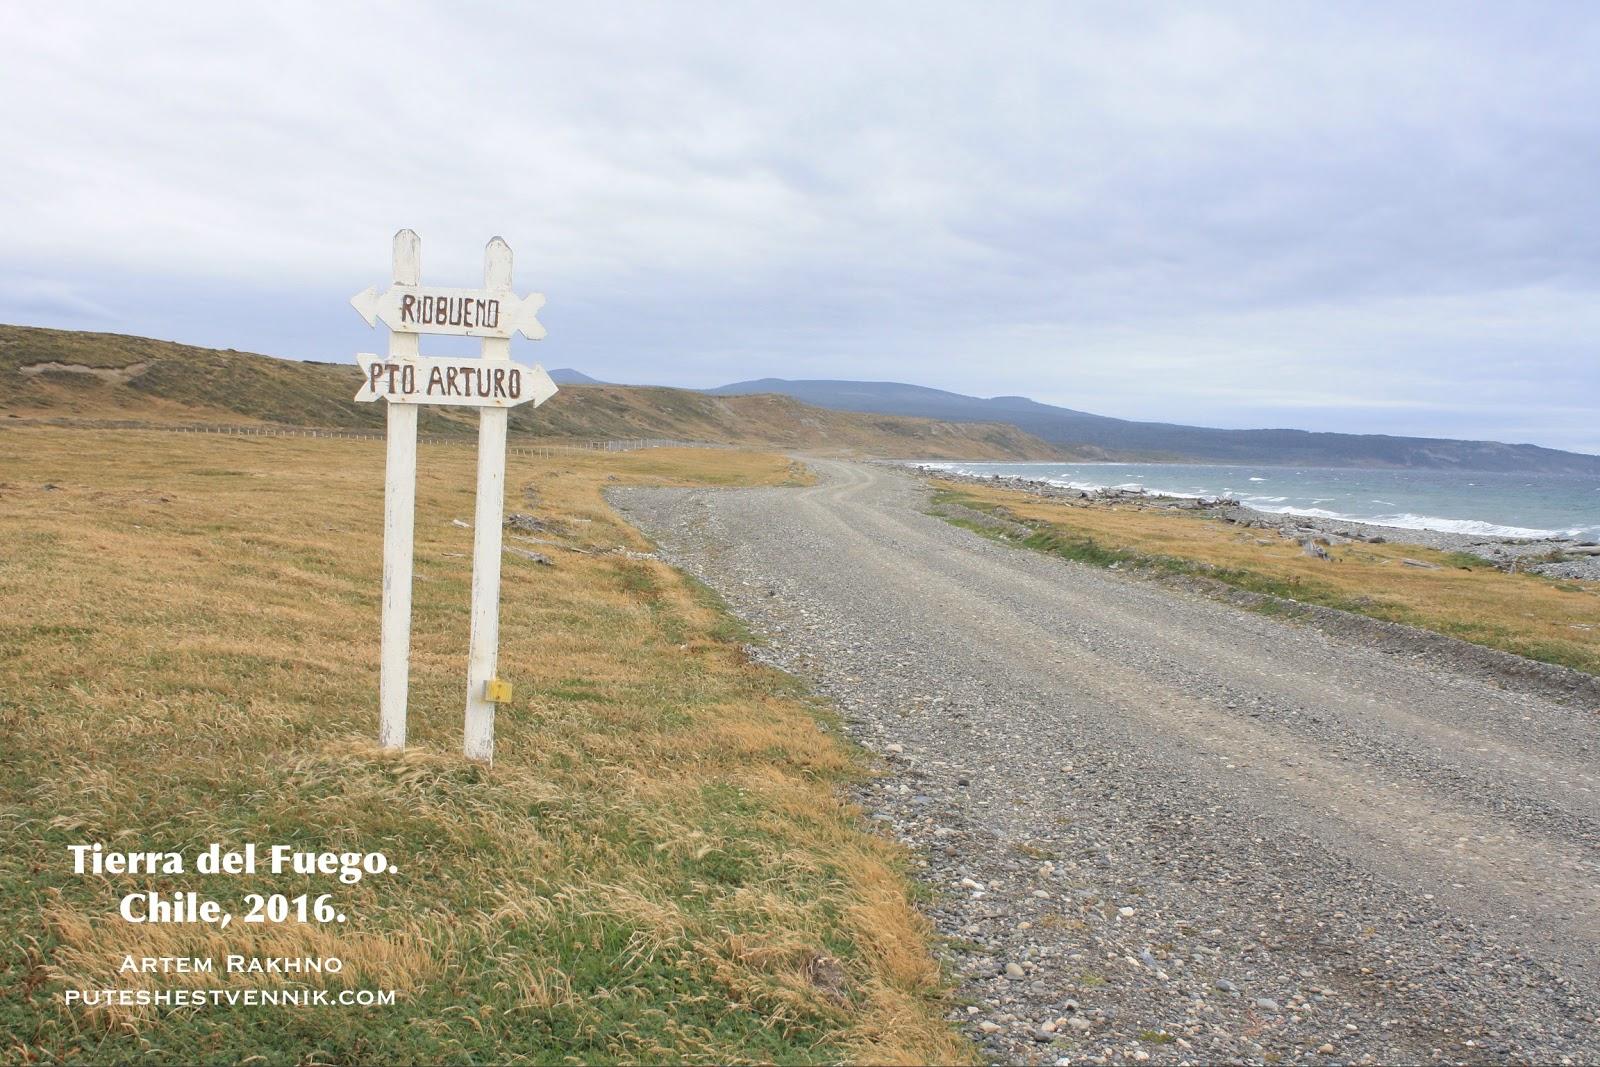 Дорога на острове Огненная Земля